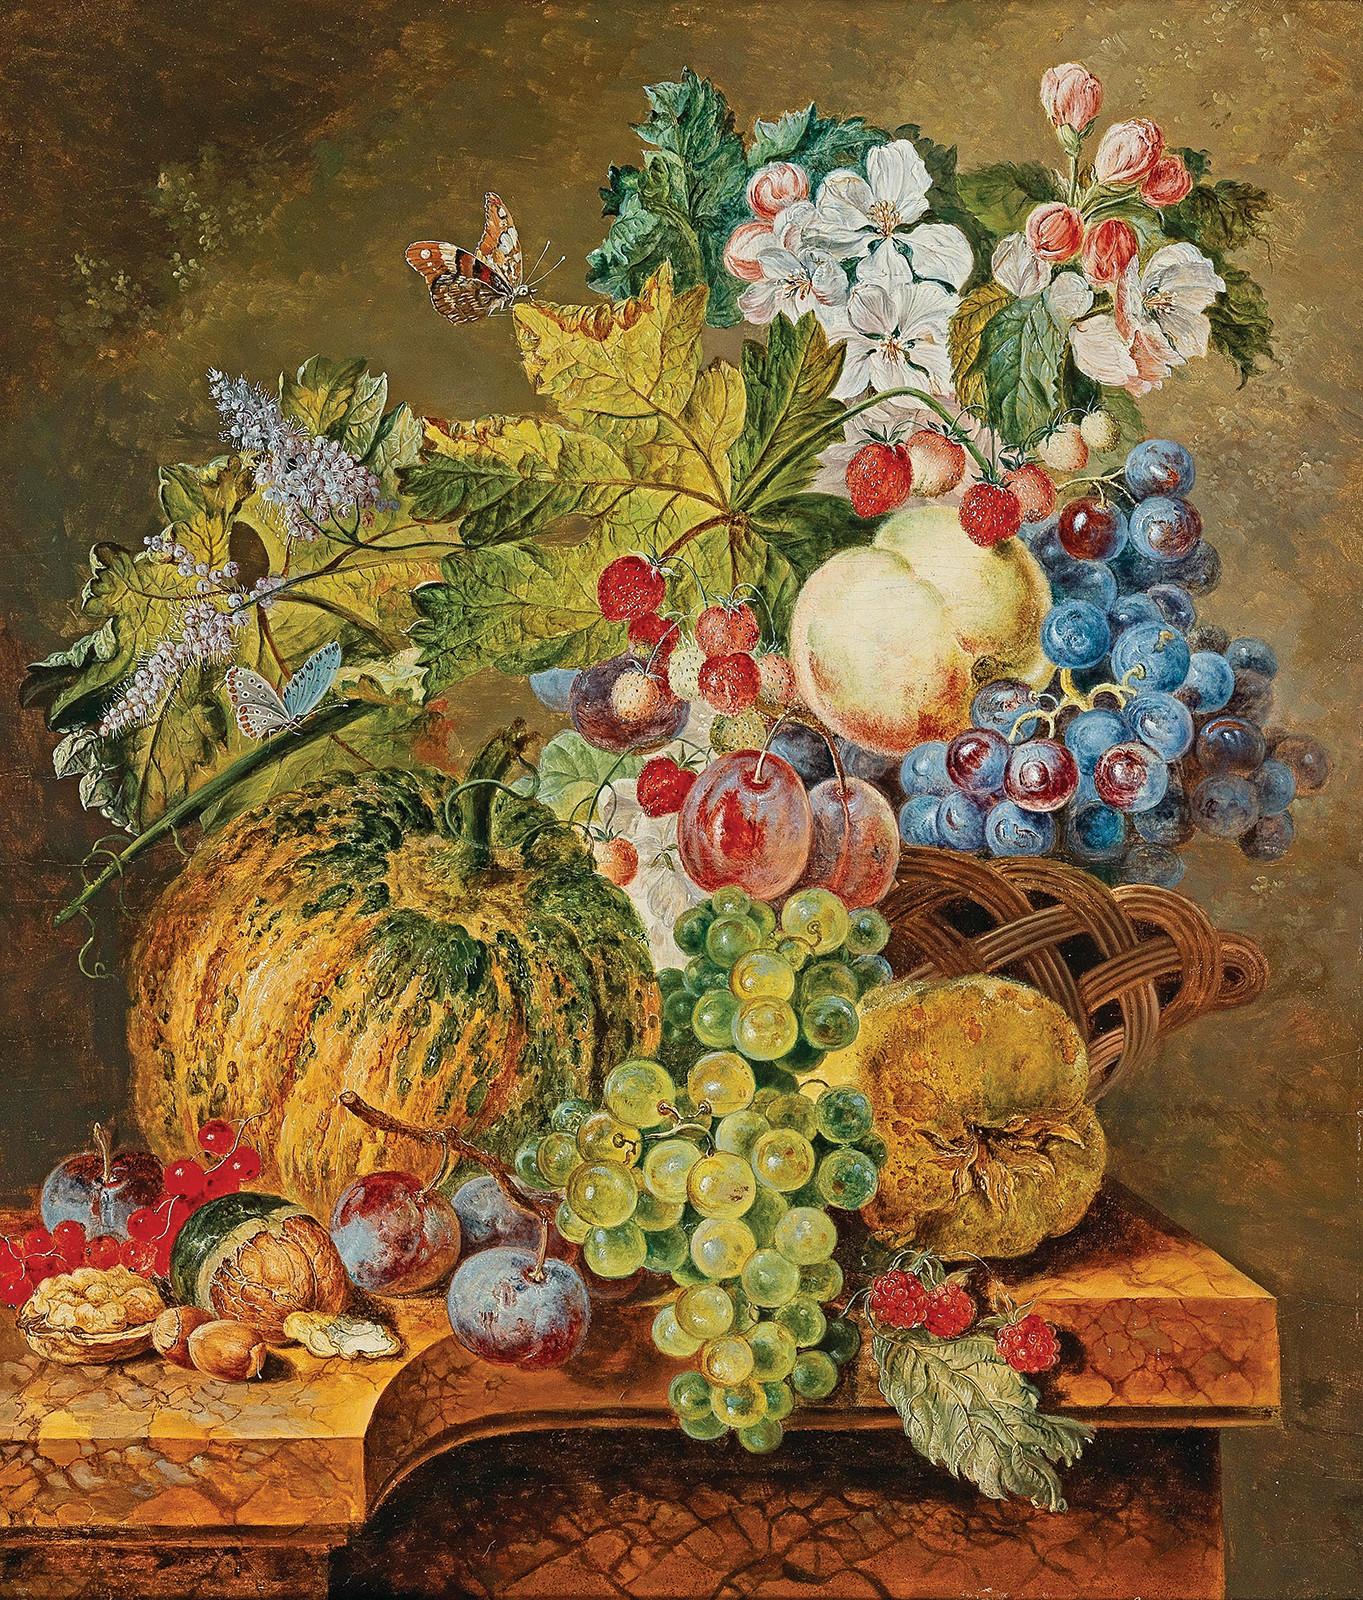 Купить натюрморт художника: Ягоды и фрукты в корзине ...